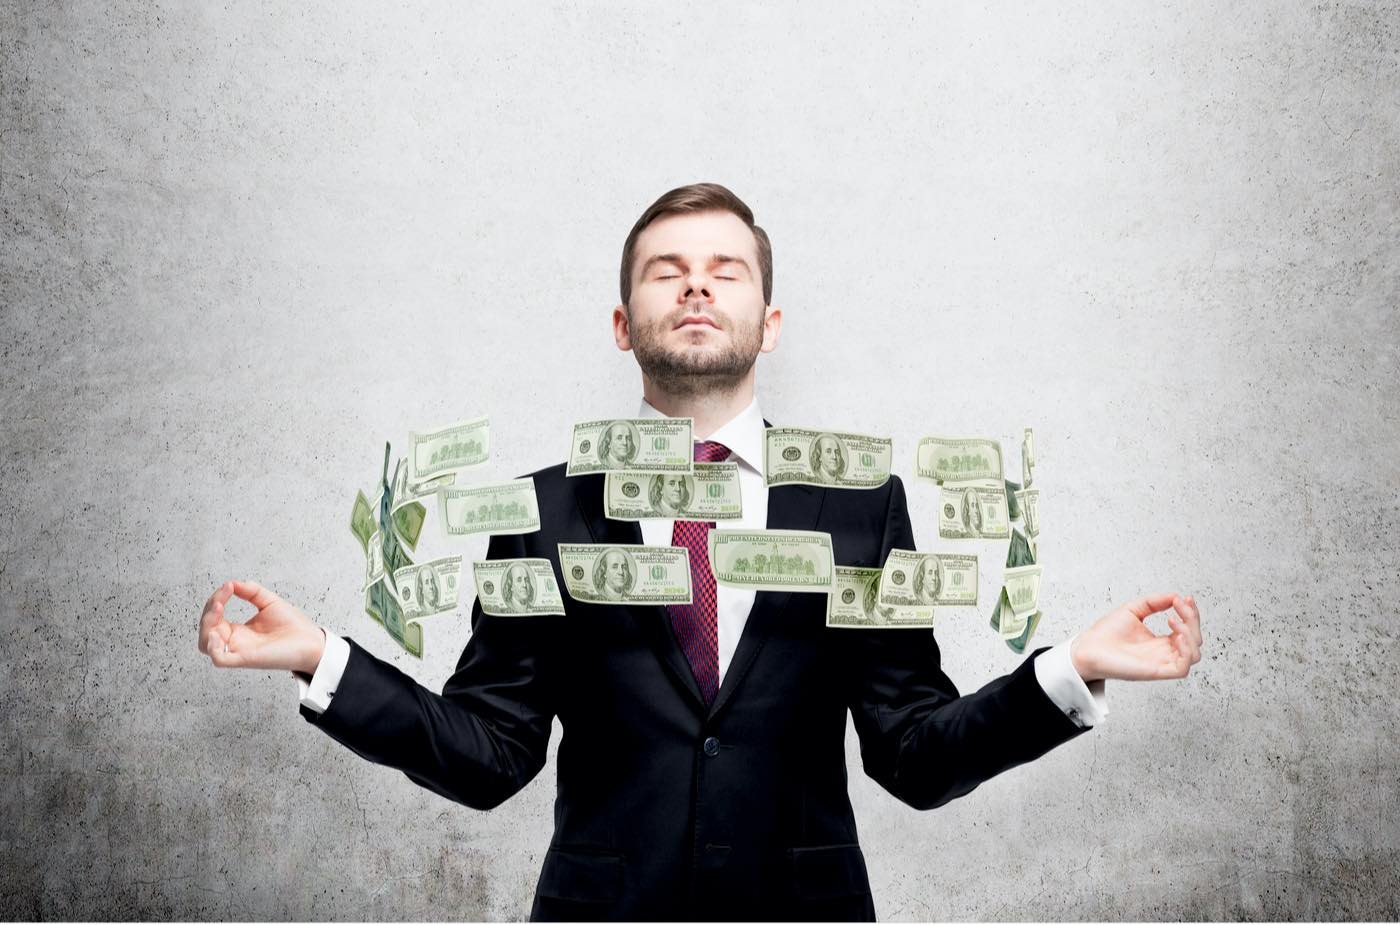 12 simples maneras de atraer la riqueza con el subconsciente